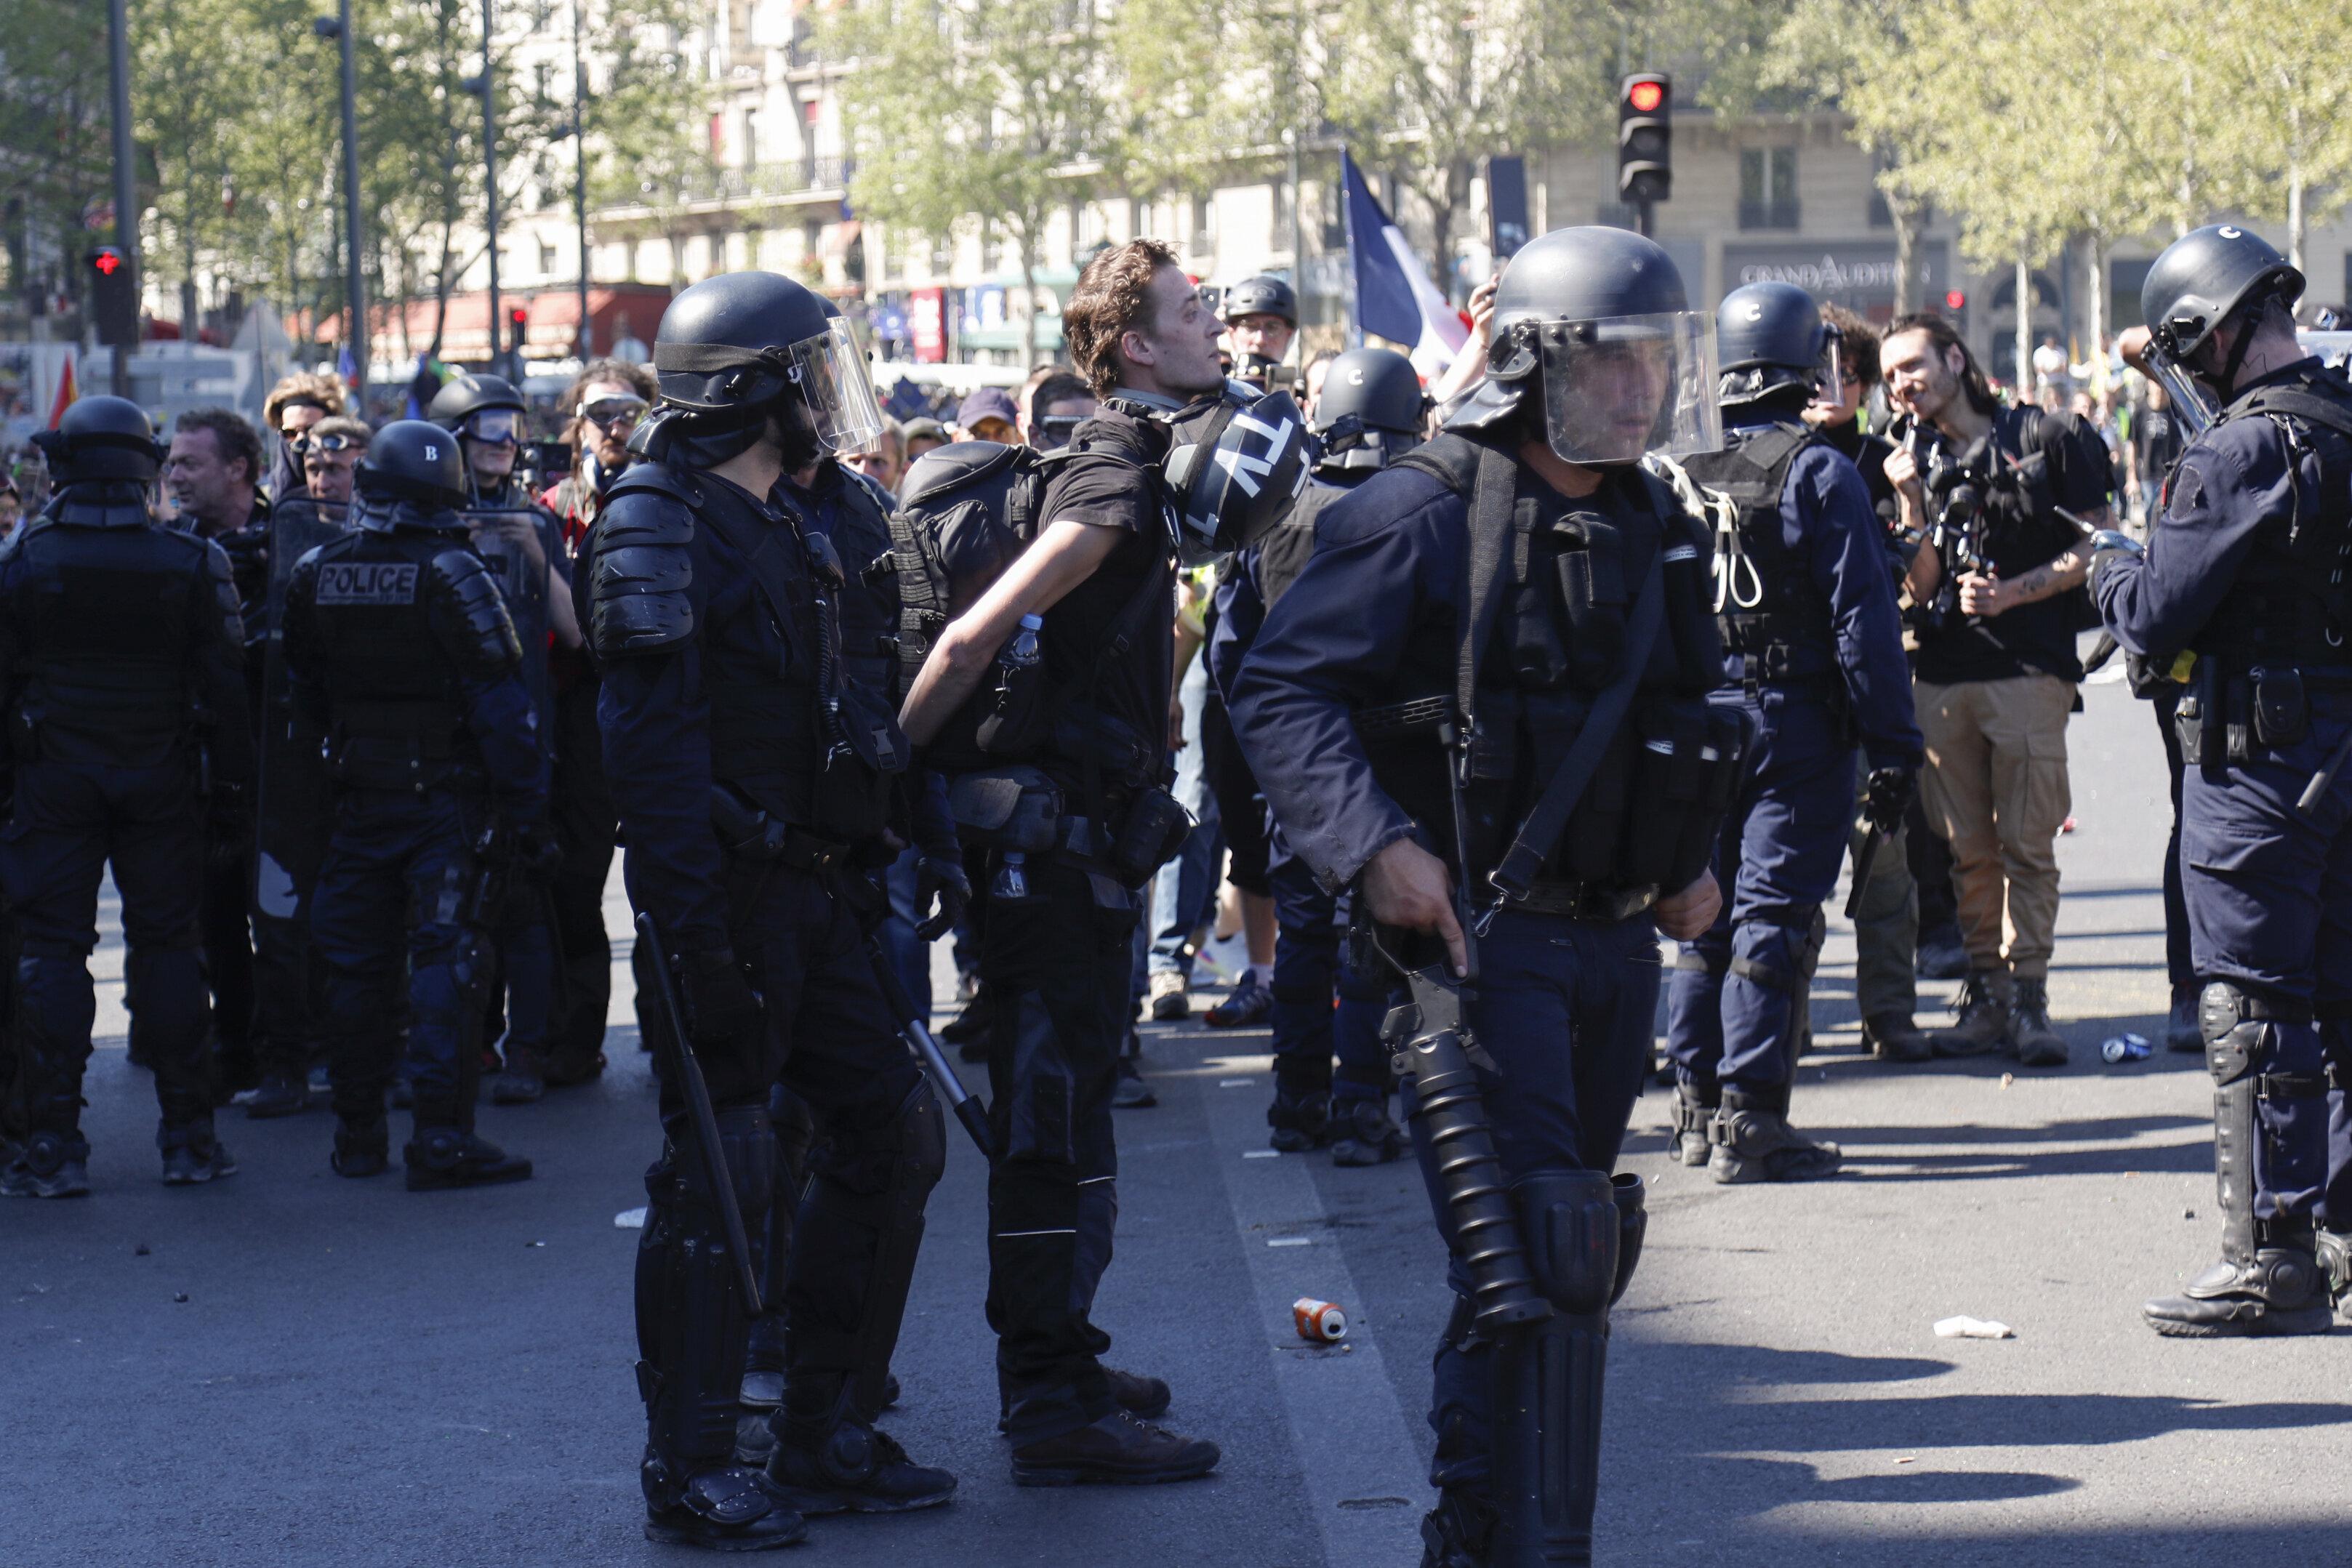 L'Élysée refuse l'accréditation, demandée hors délai, du journaliste arrêté